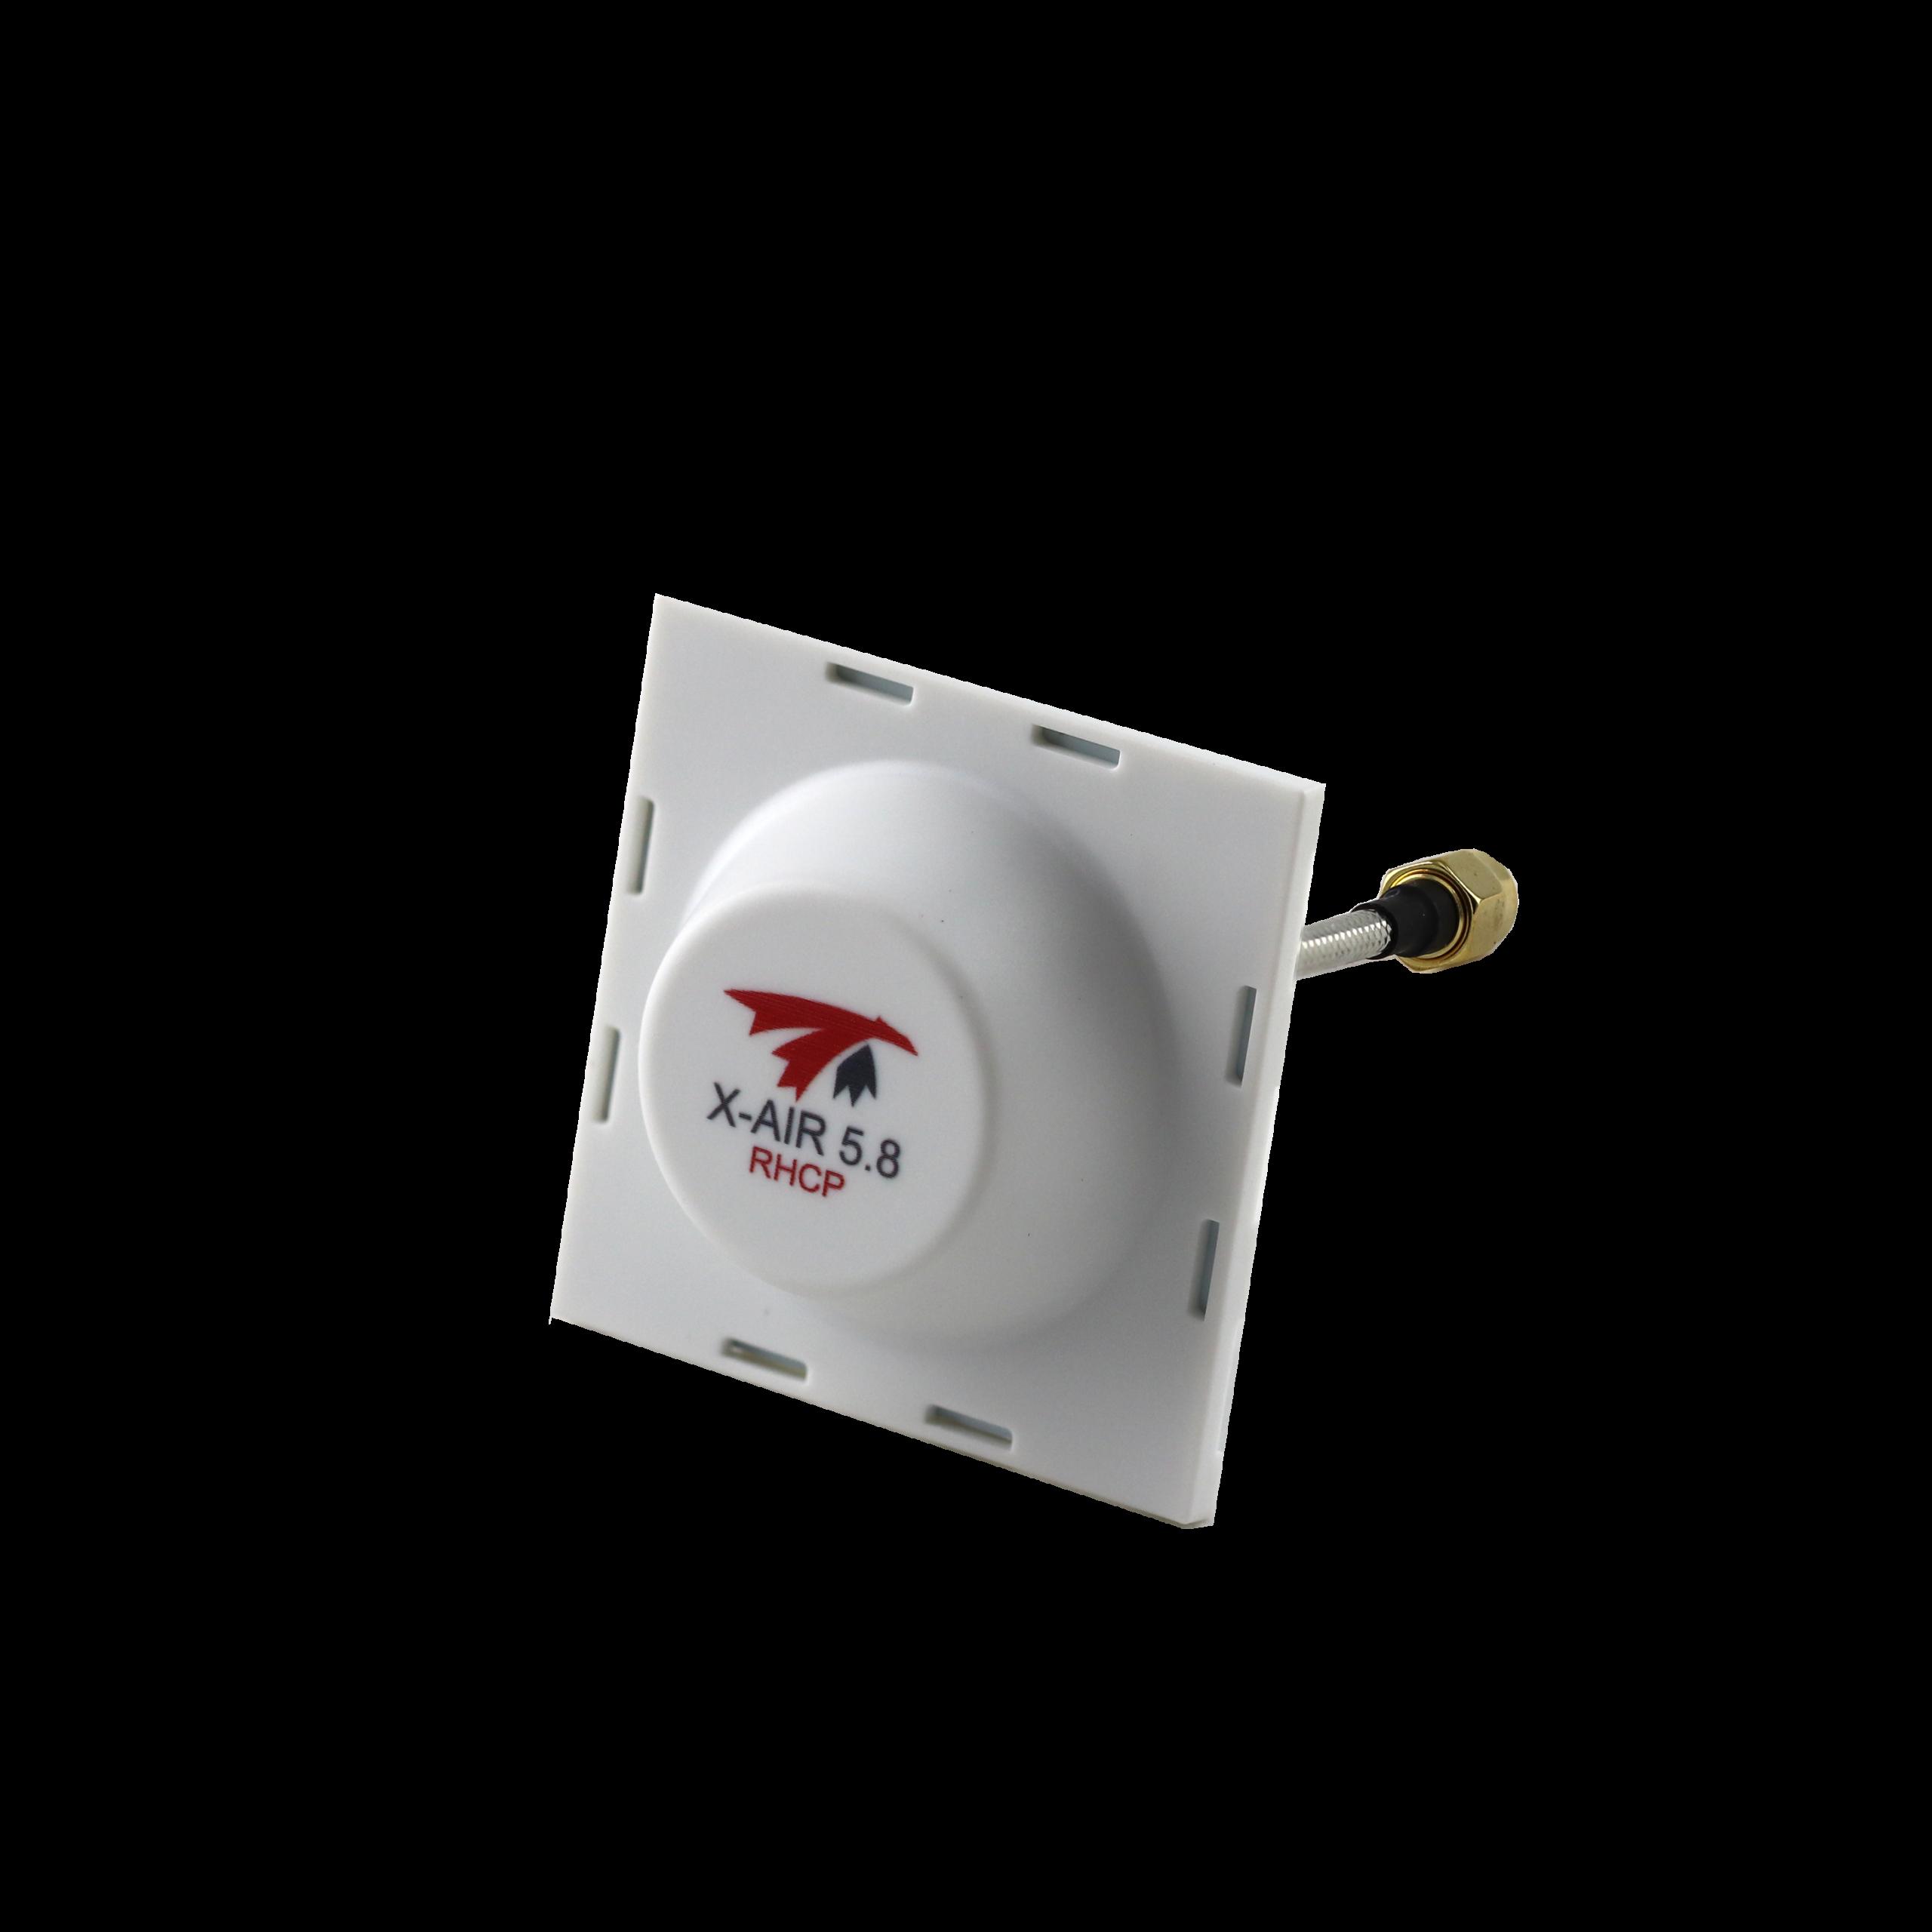 TrueRC X-Air 5.8GHz directional FPV antenna